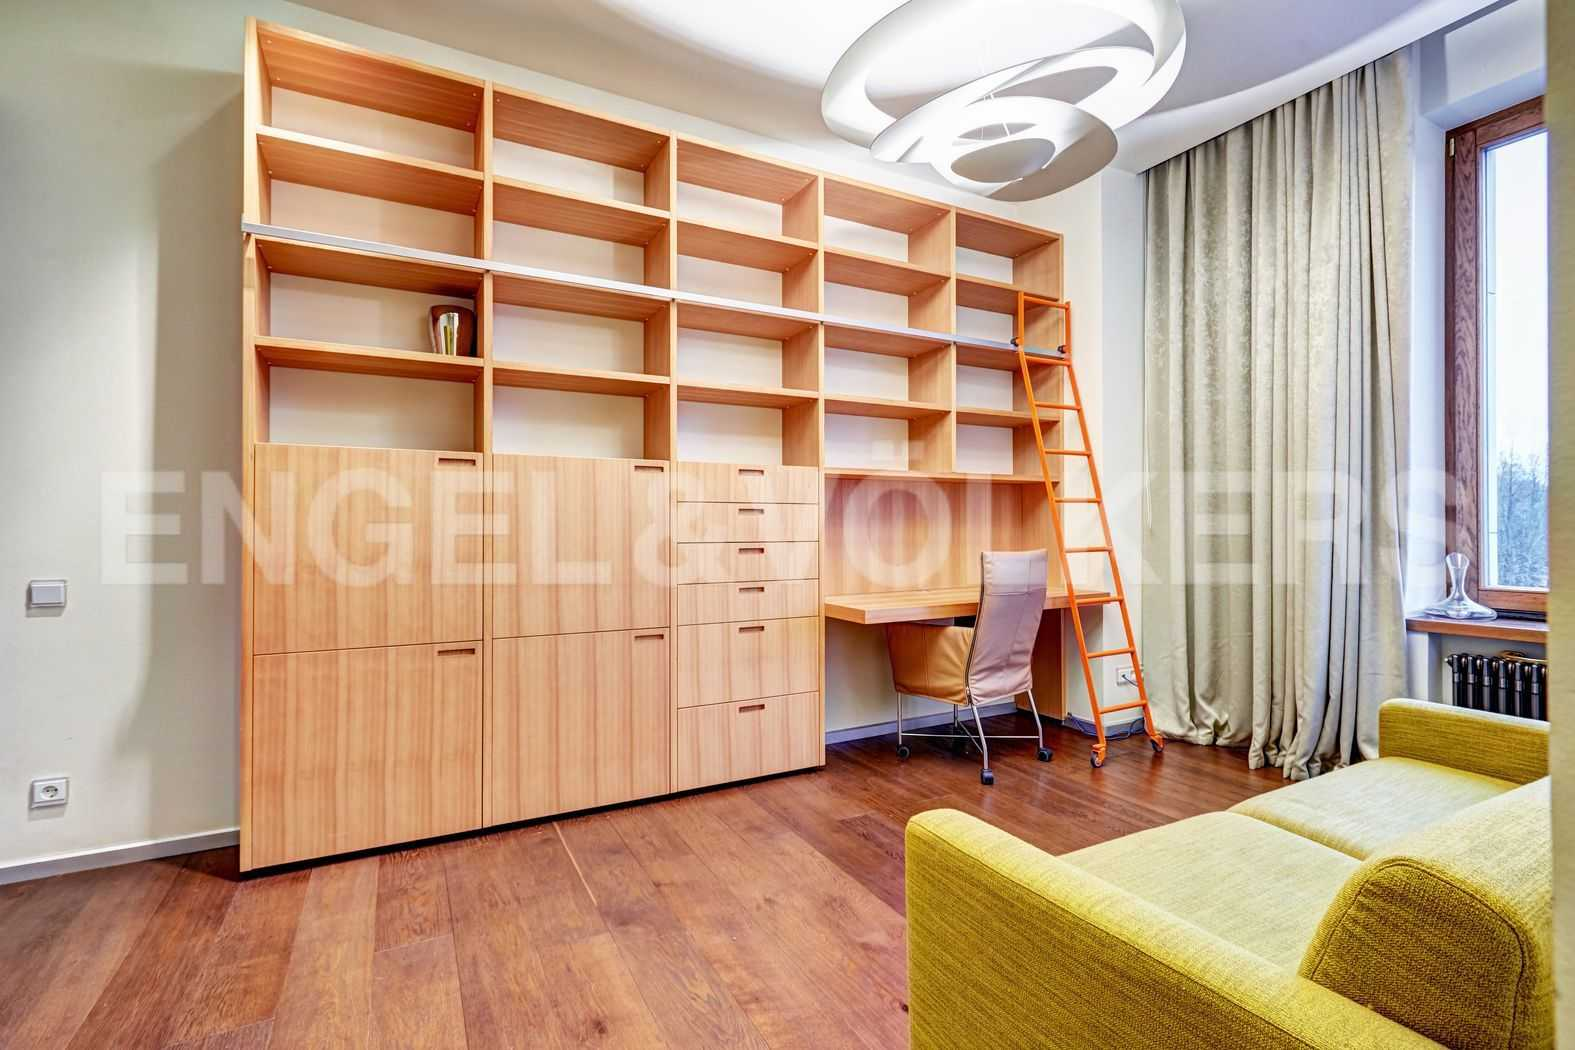 Элитные квартиры на . Санкт-Петербург, наб. Мартынова, 74. Вторая спальня